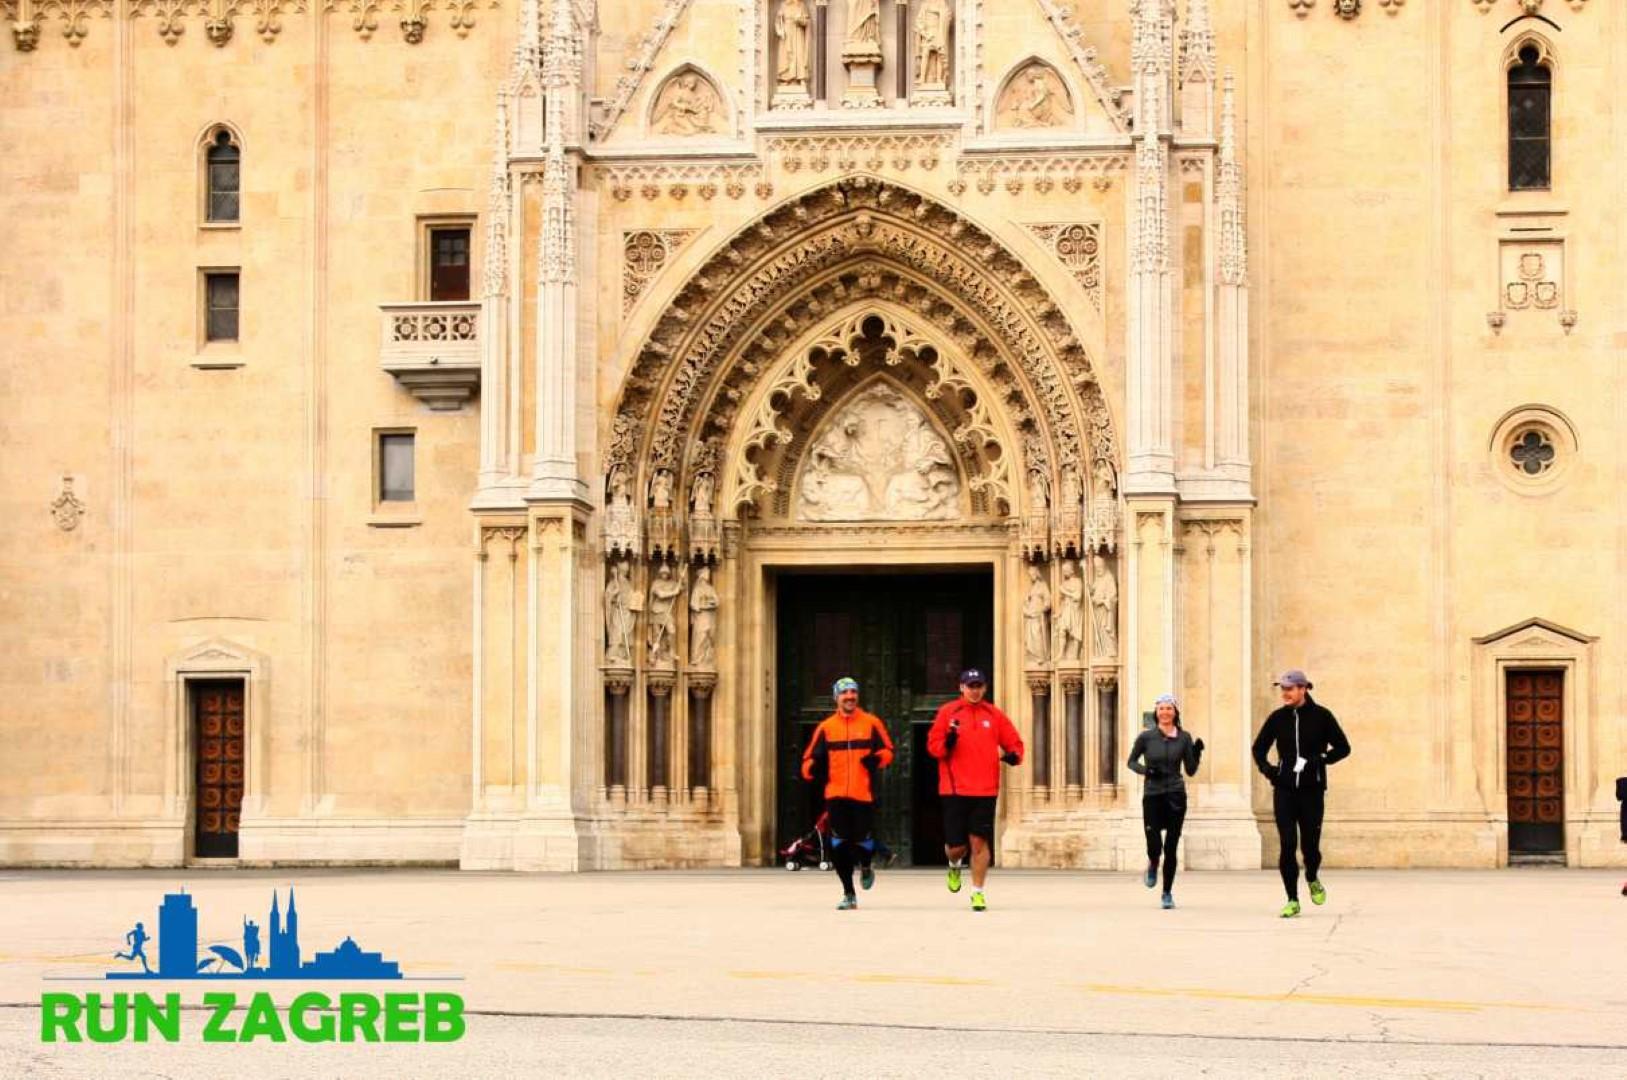 runzagreb_katedrala (Large)